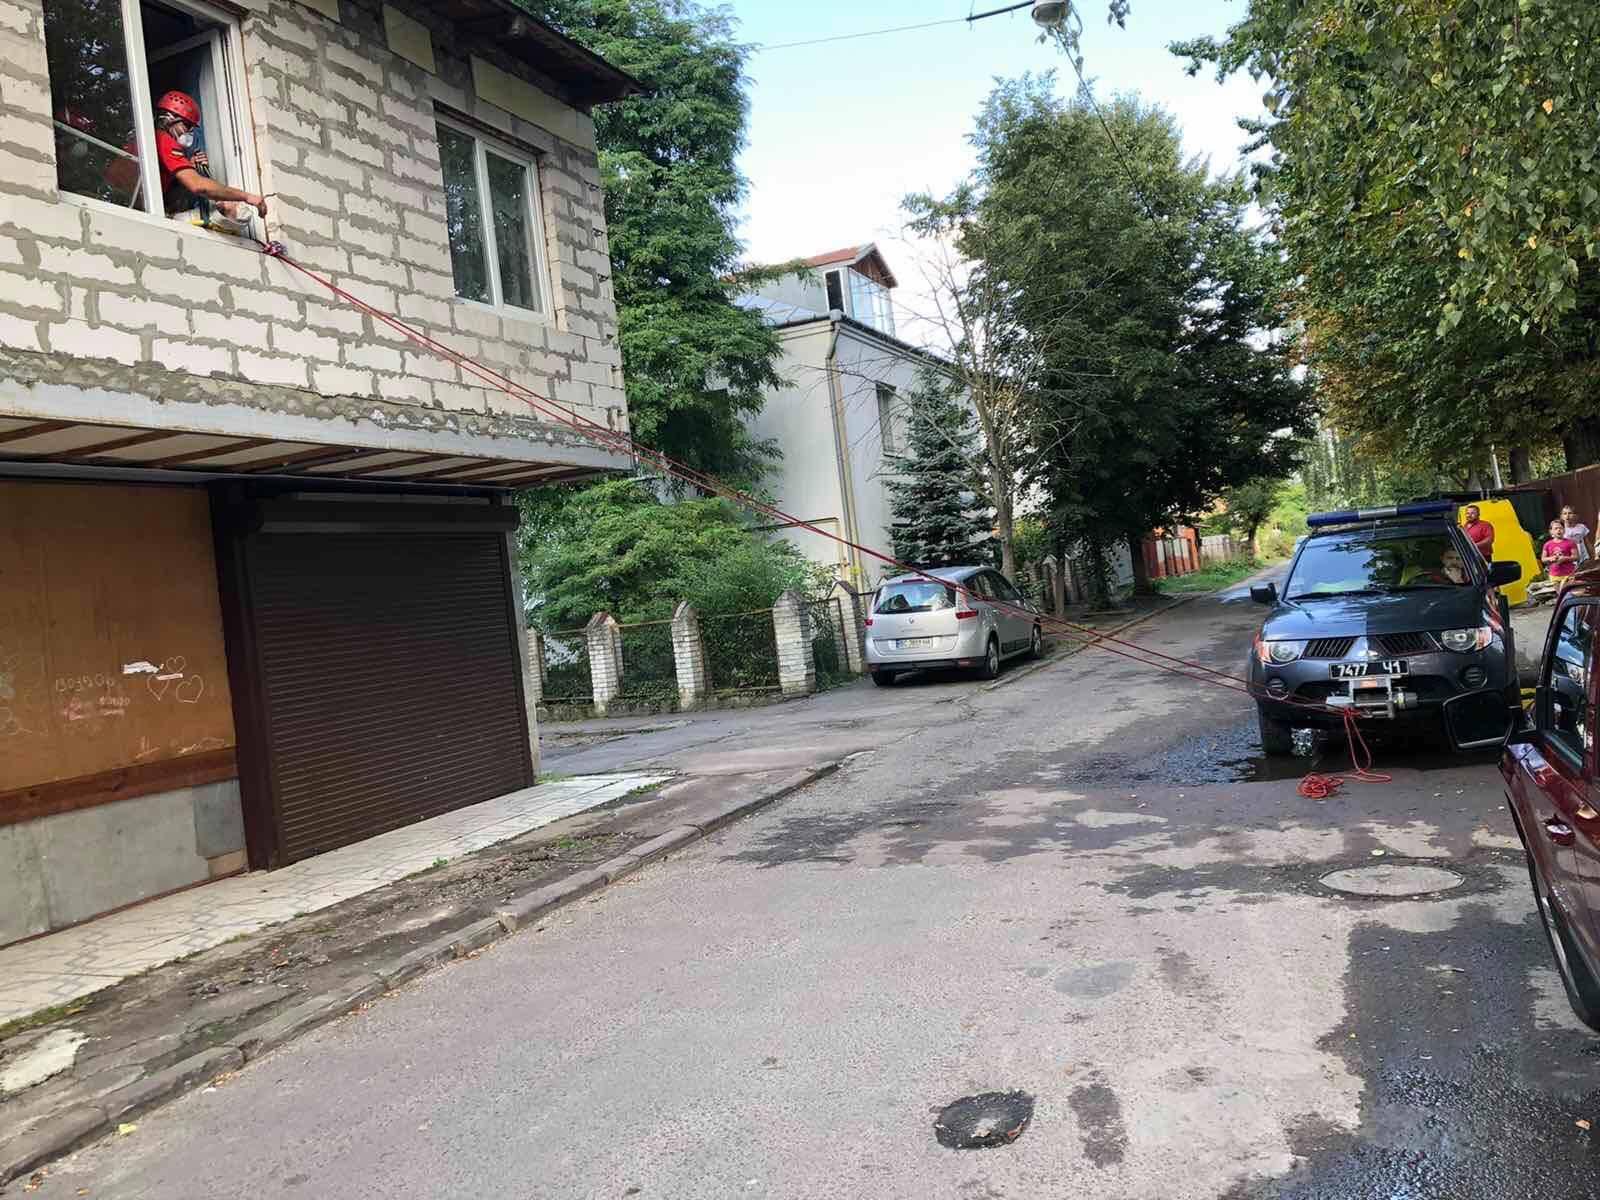 Львівські рятувальники допомогли транспортувати жінку з інсультом. Фото: ГУ ДСНС